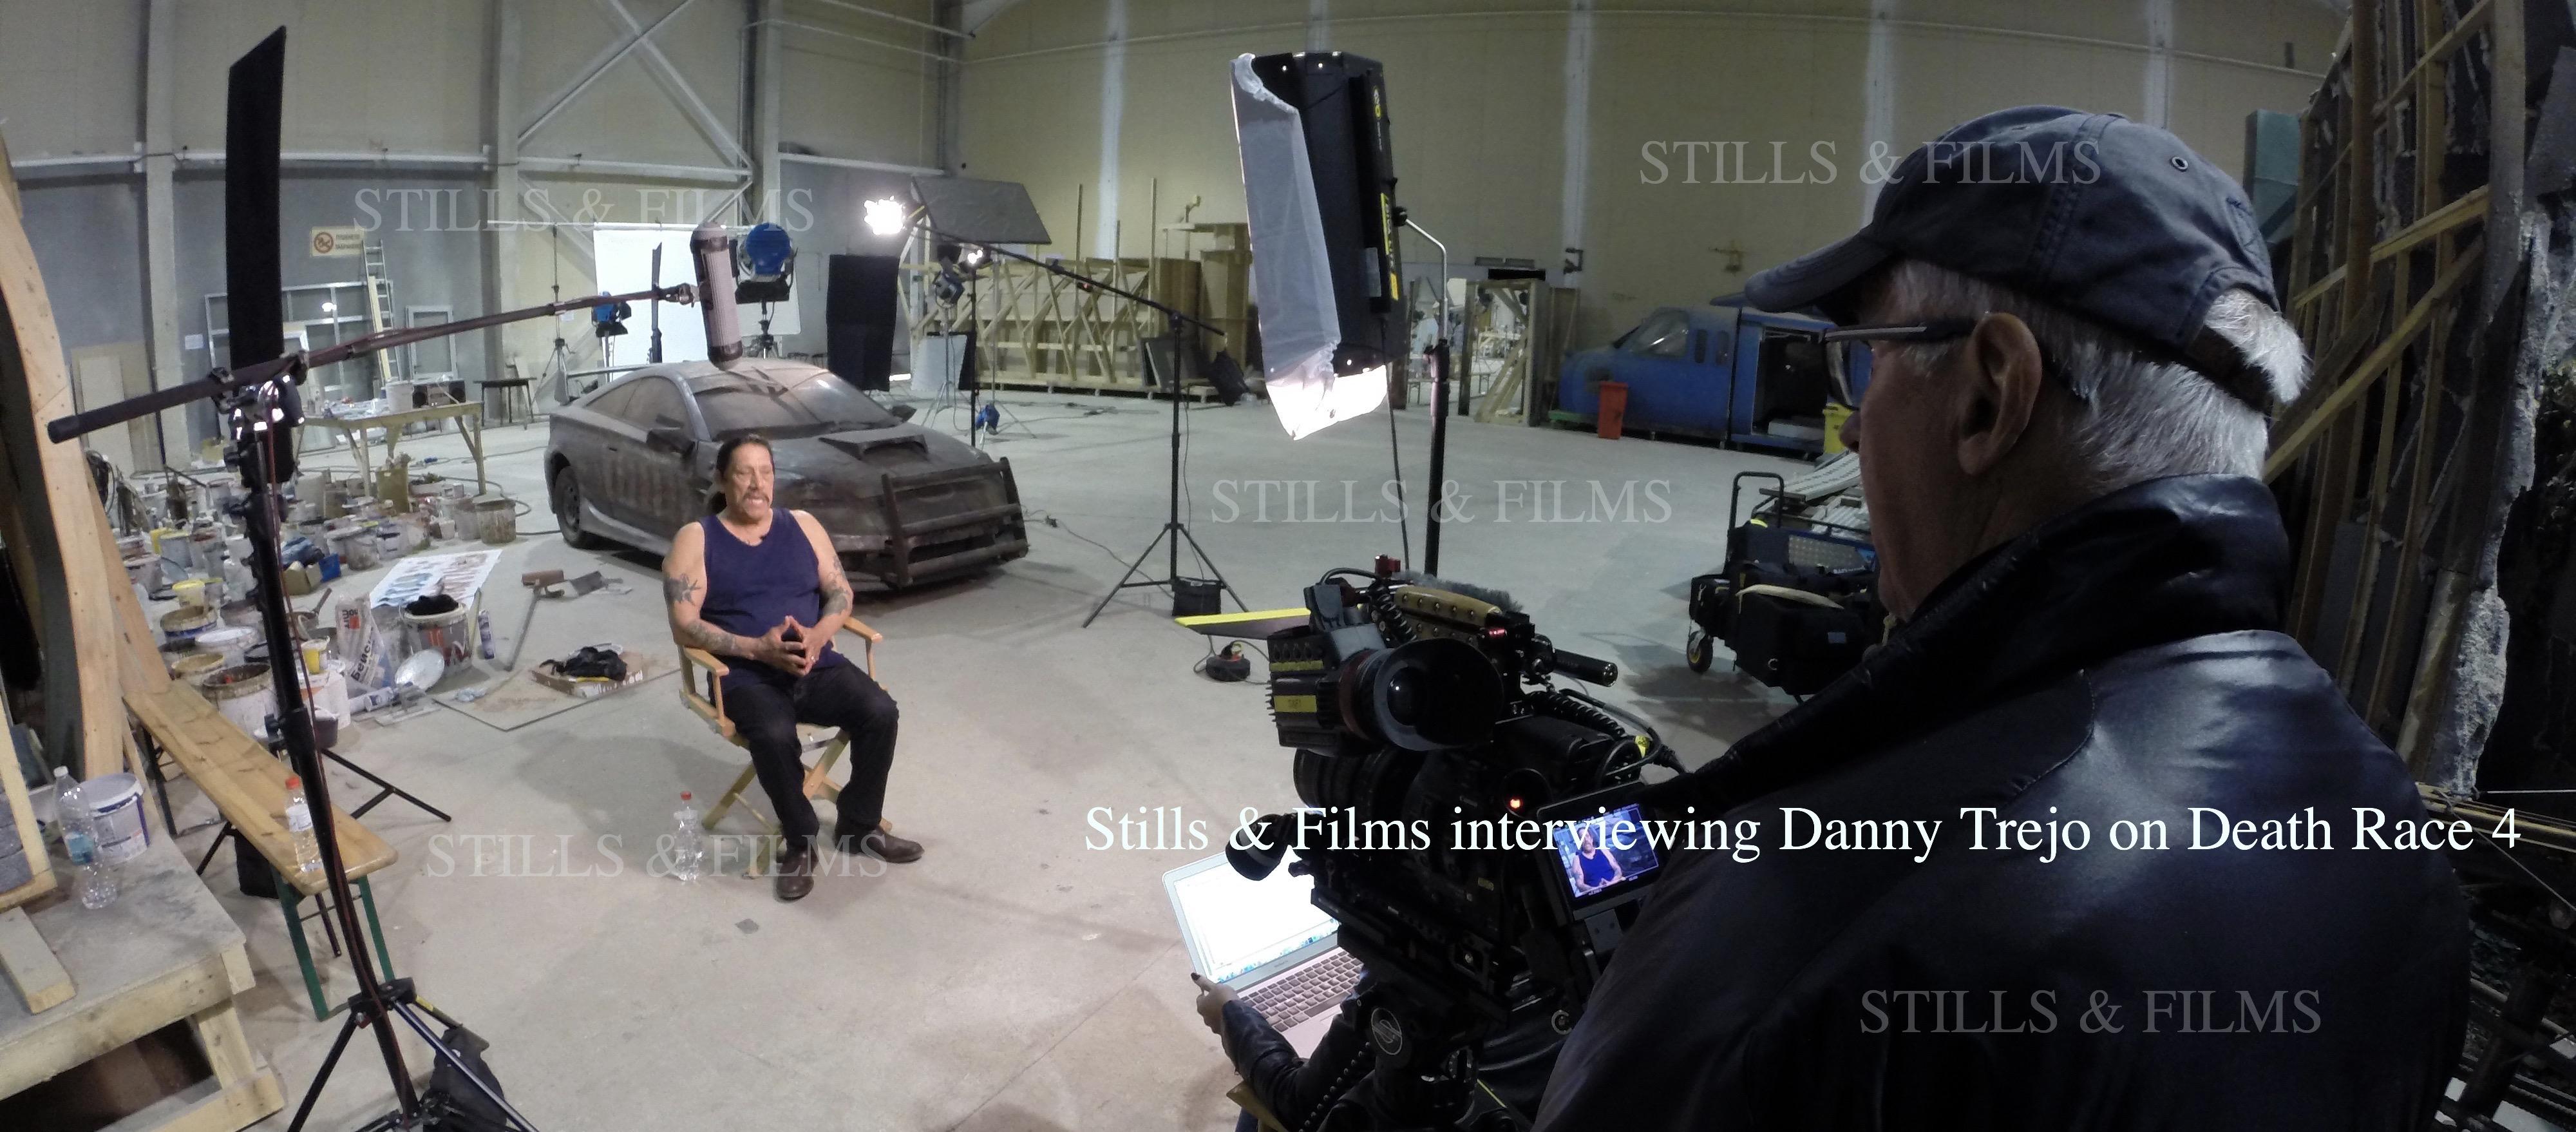 Video Crew Sofia interviewing Danny Trejo